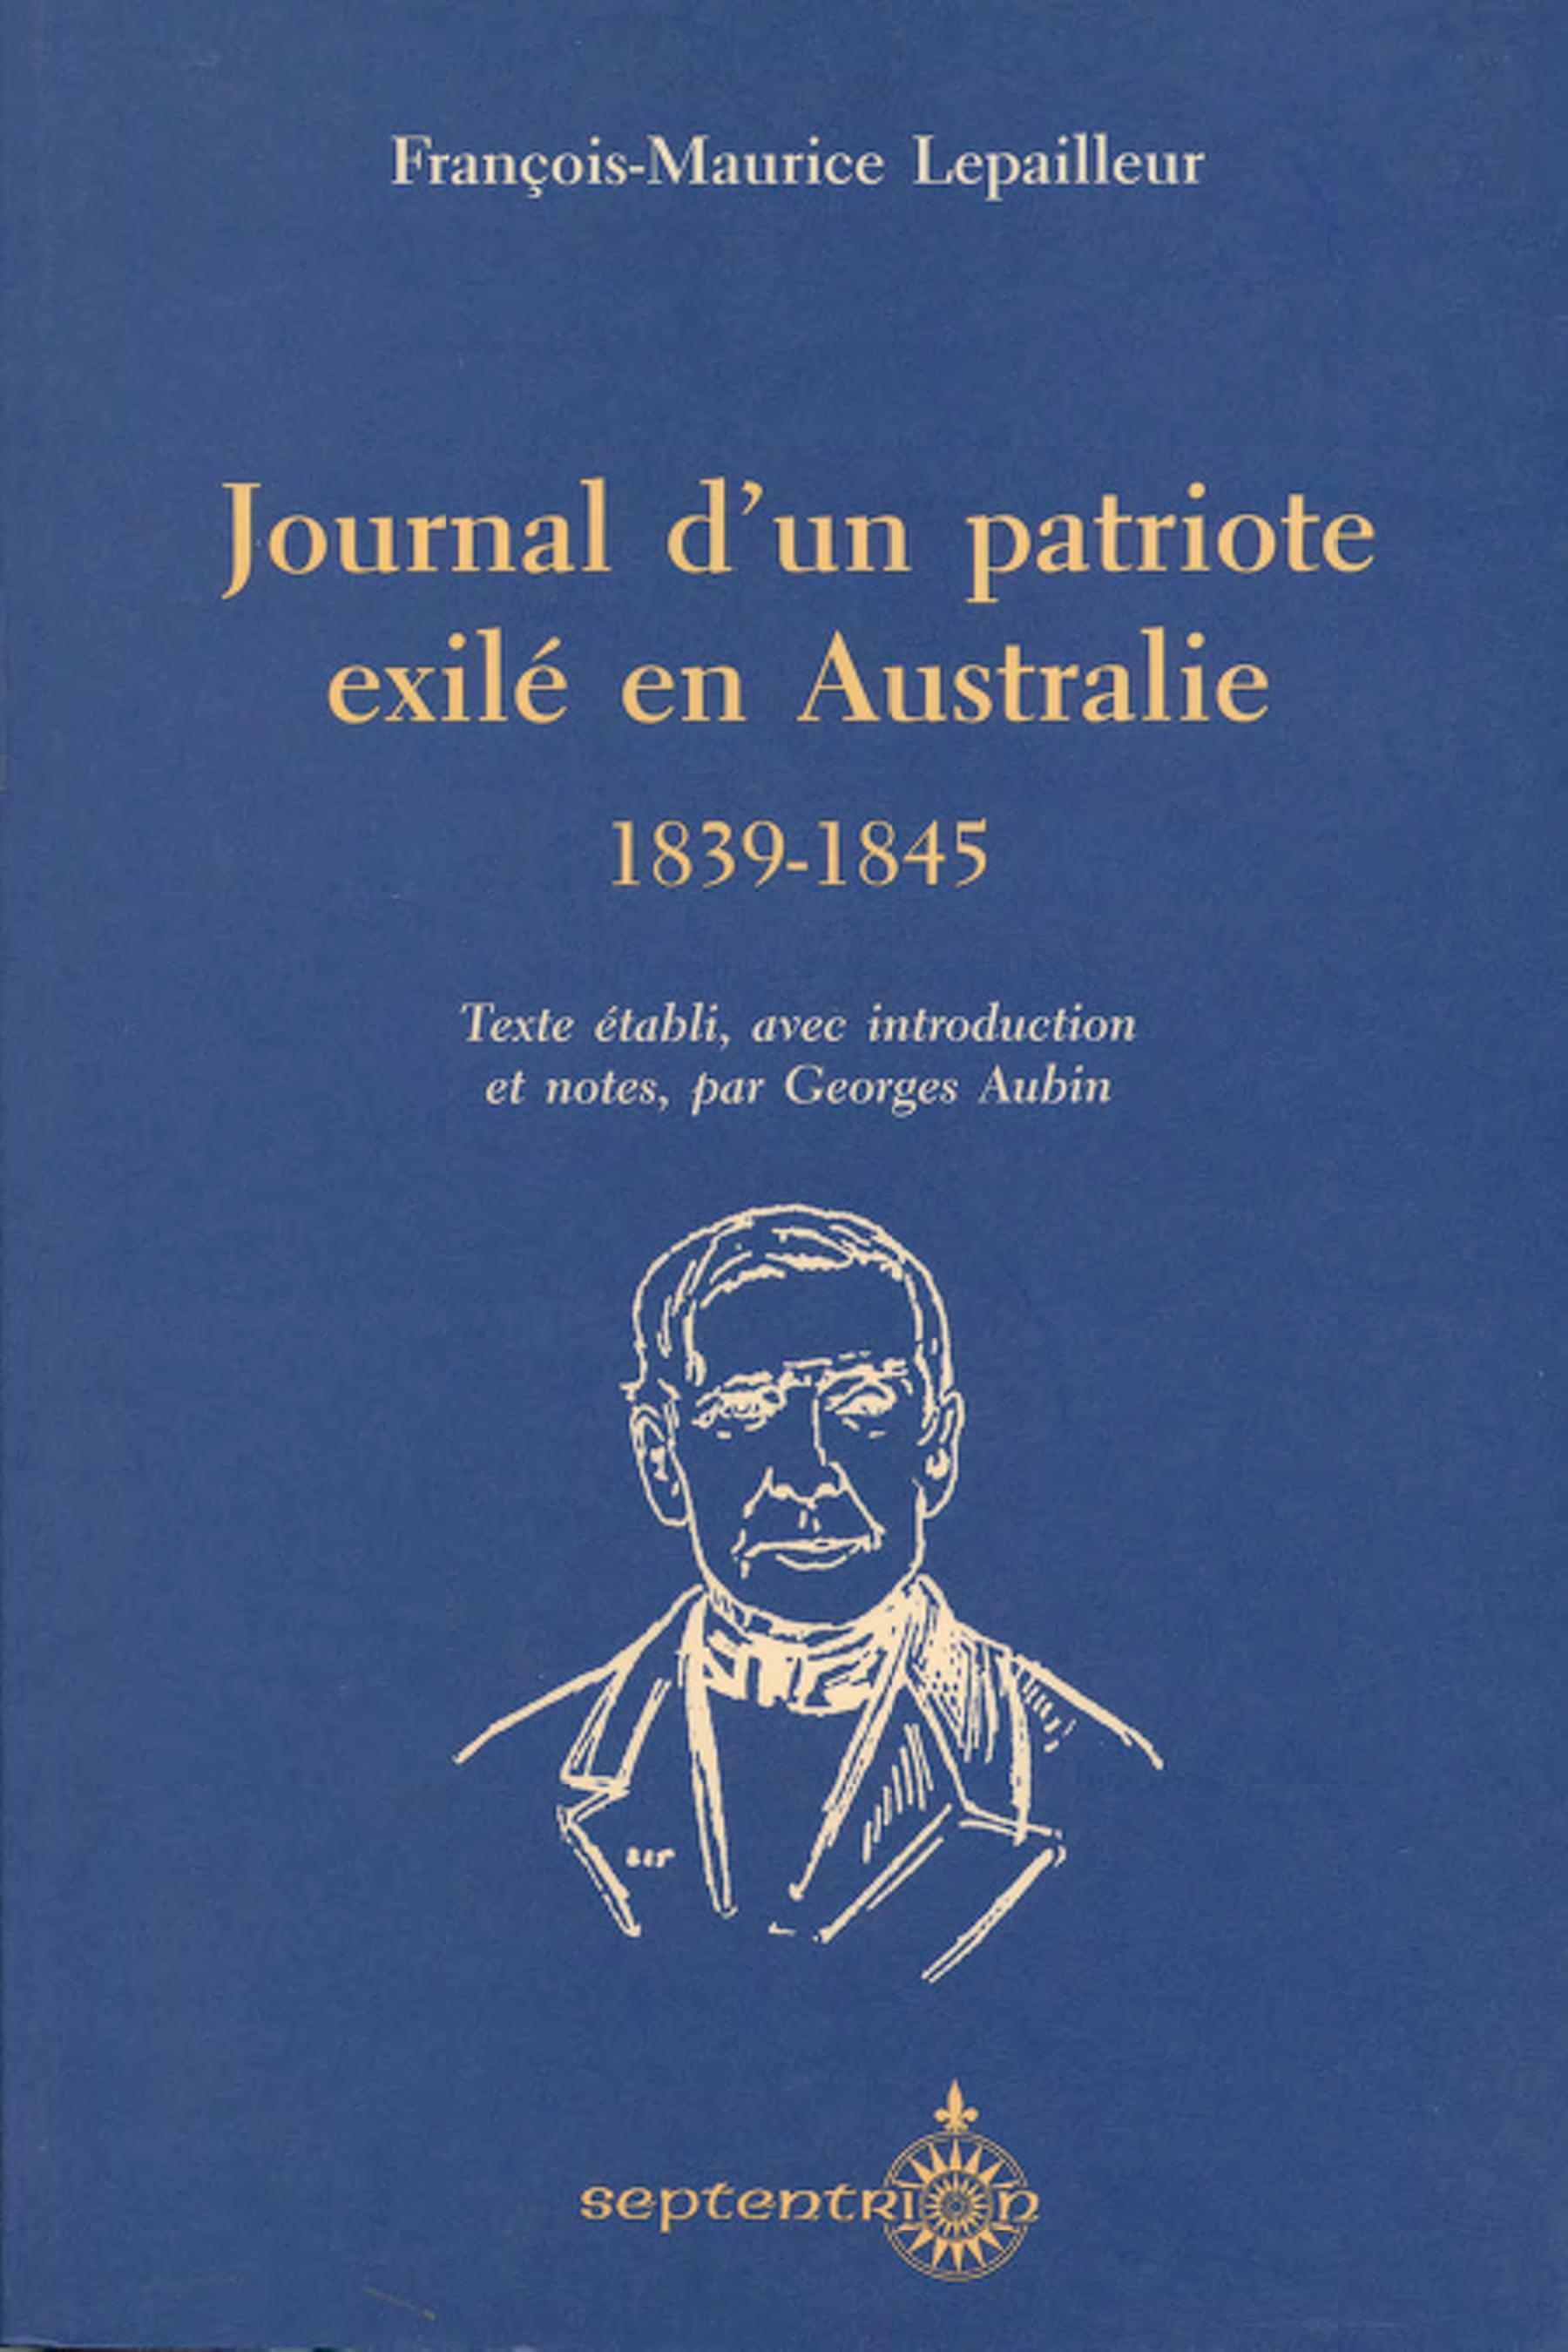 Journal d'un patriote exilé en Australie, 1839-1845